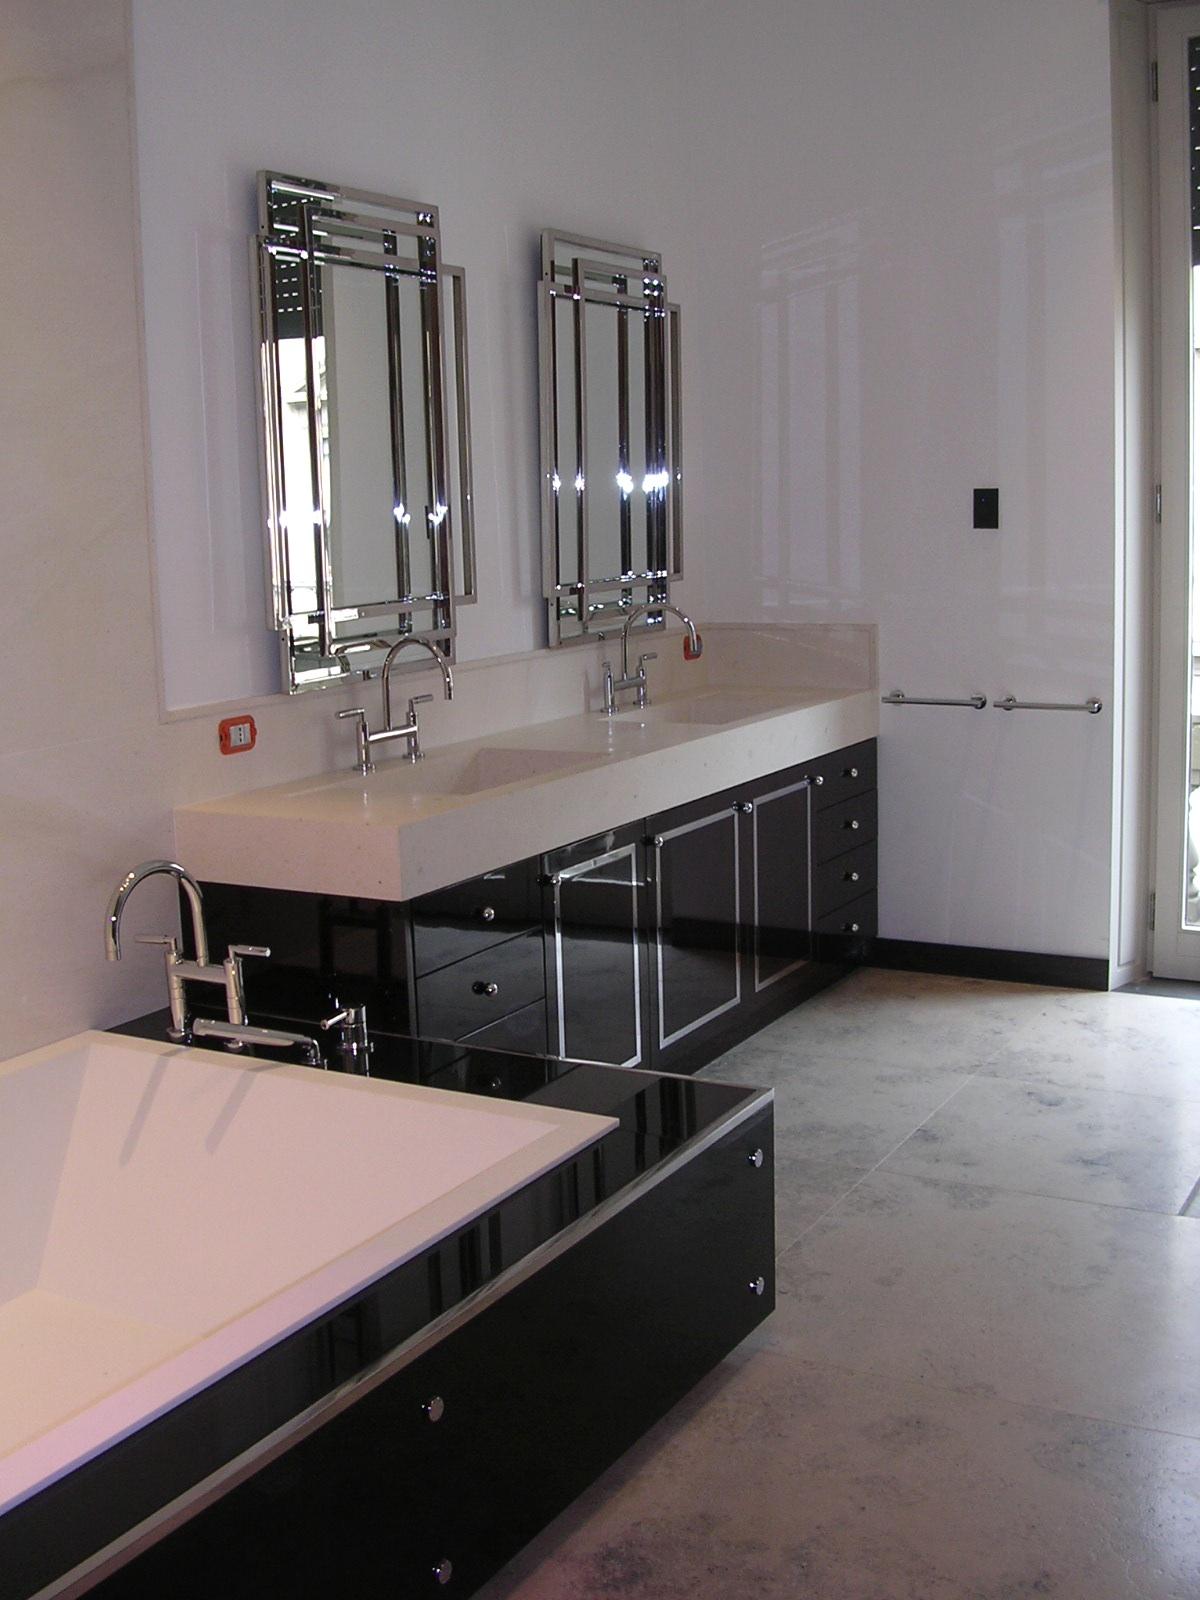 Arredo bagno falegnameria rd arredamenti s r l roma armadi su misura cucine componibili for Mobili bagno con due lavabi